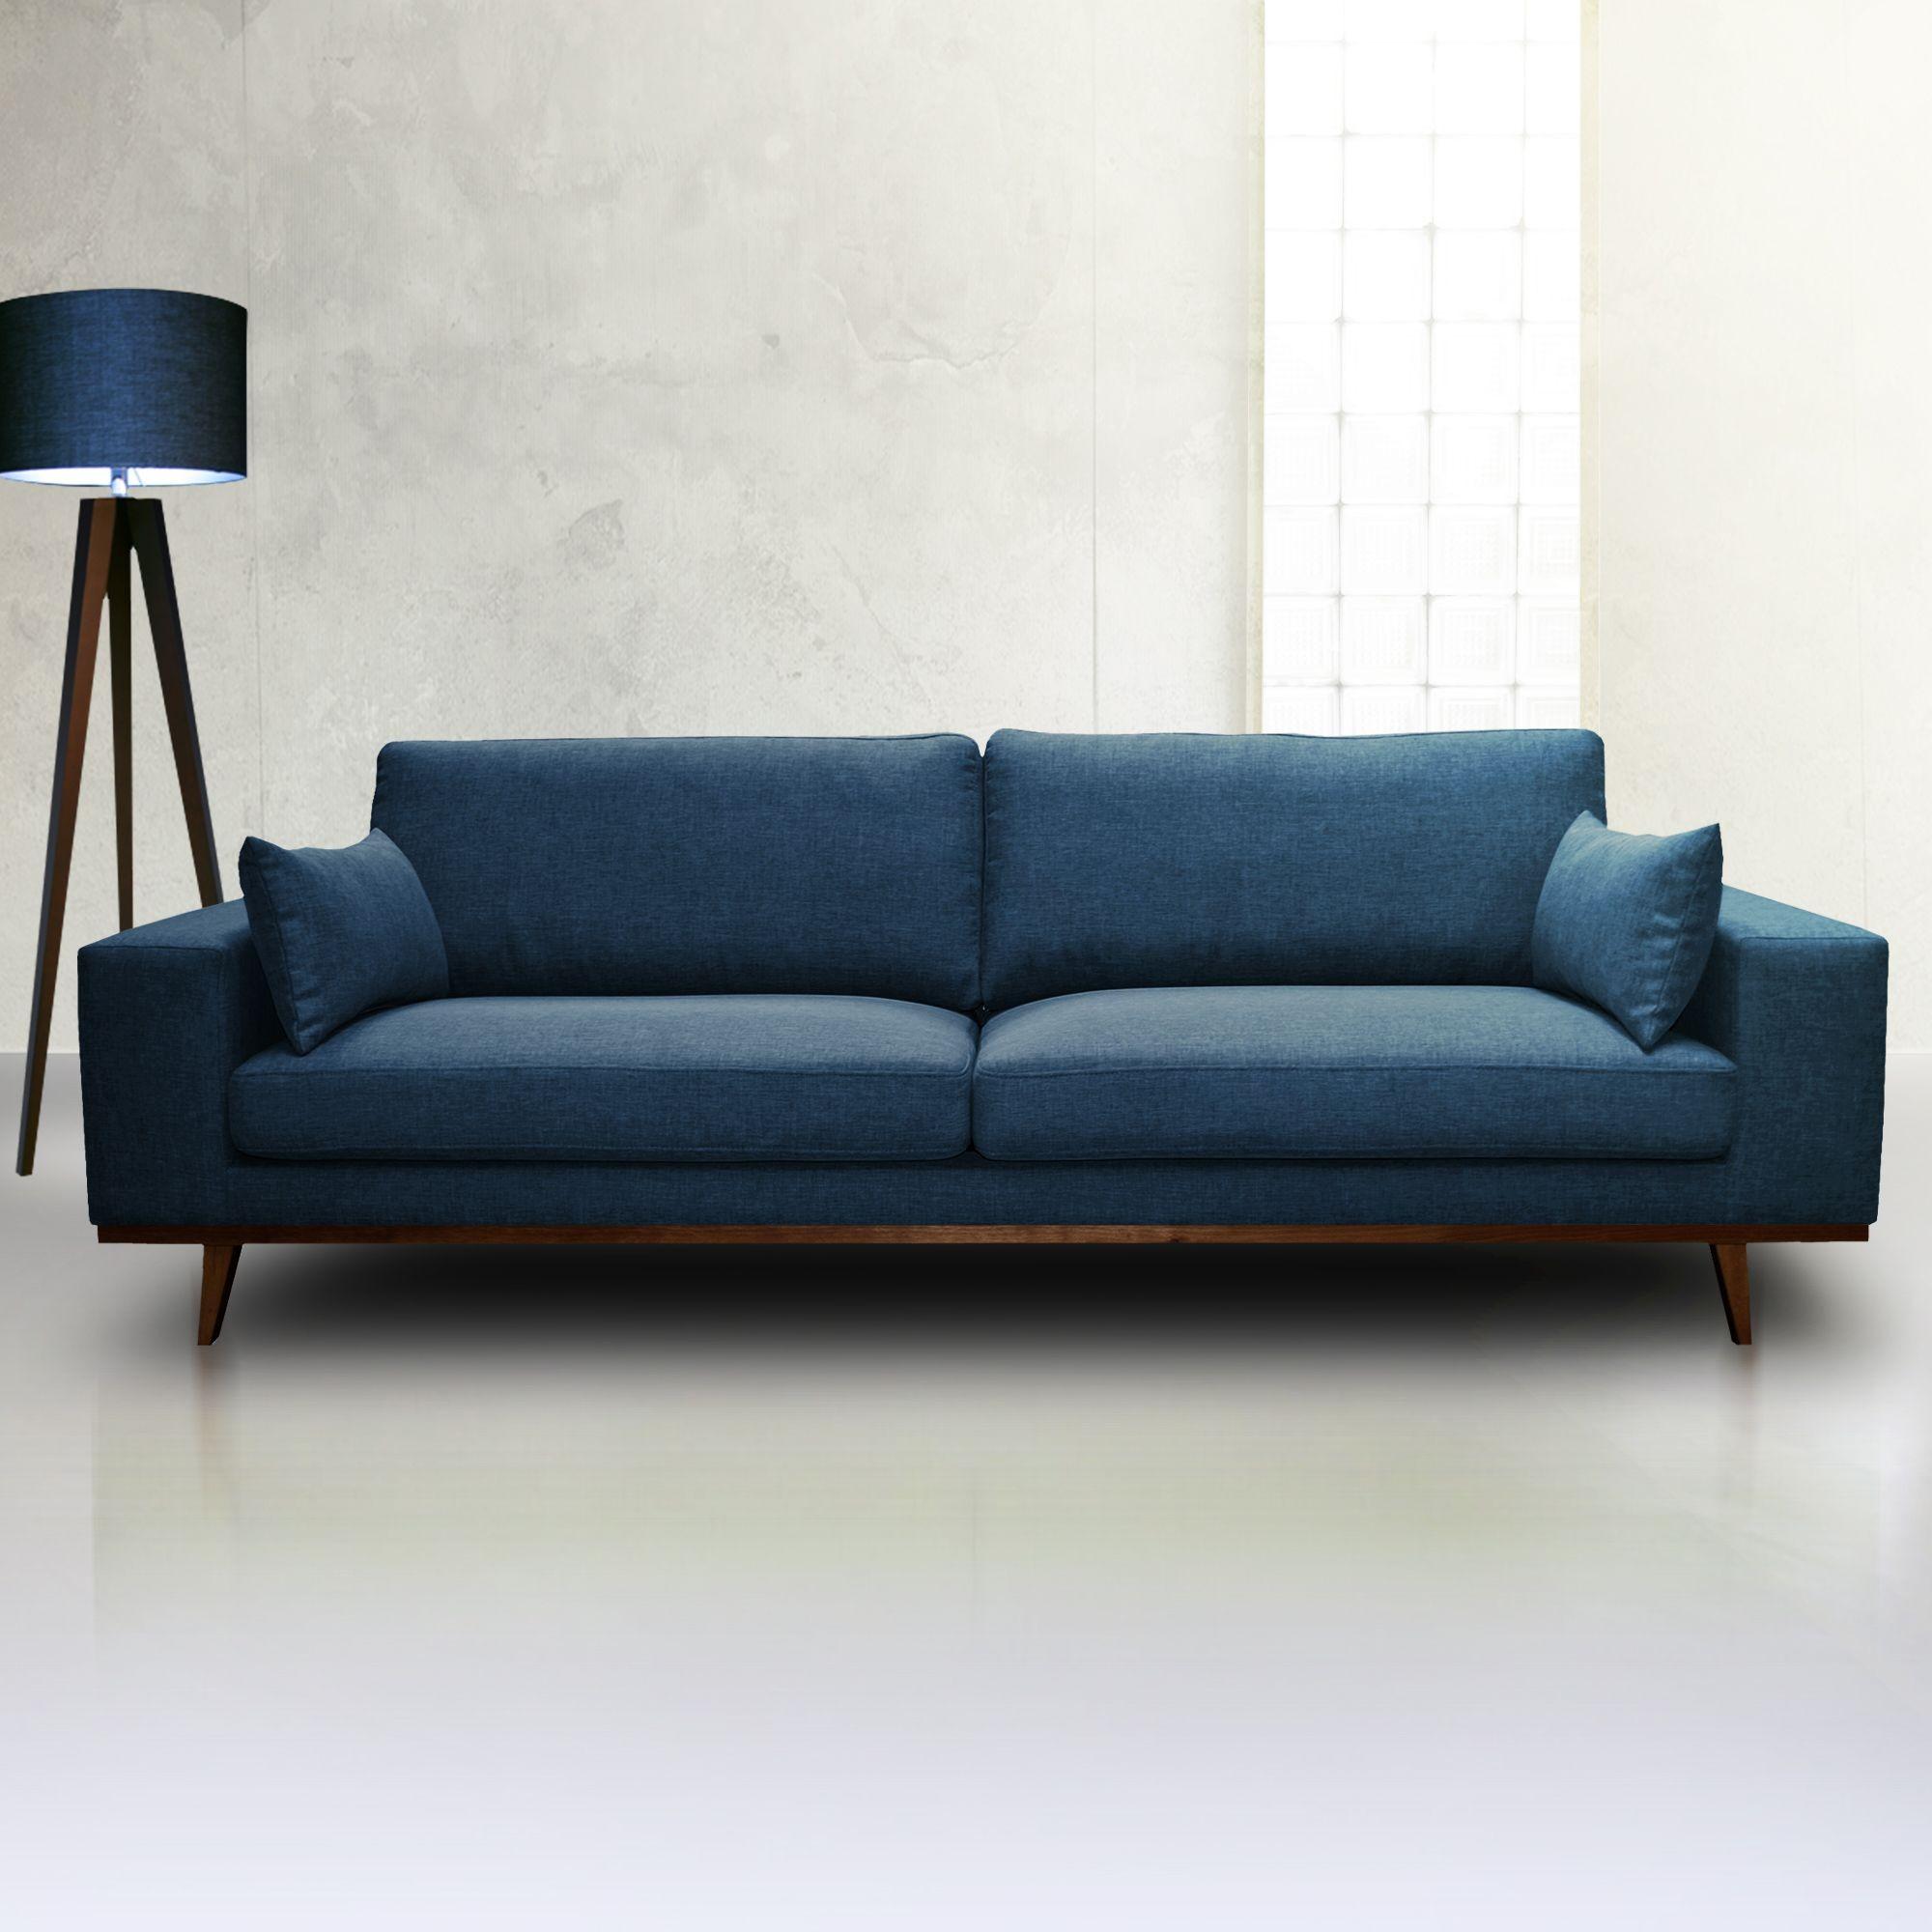 Ikea Canapé Modulable Meilleur De Photographie Lit Armoire Canapé Beautiful Canap En U Convertible 12 Full Canape D